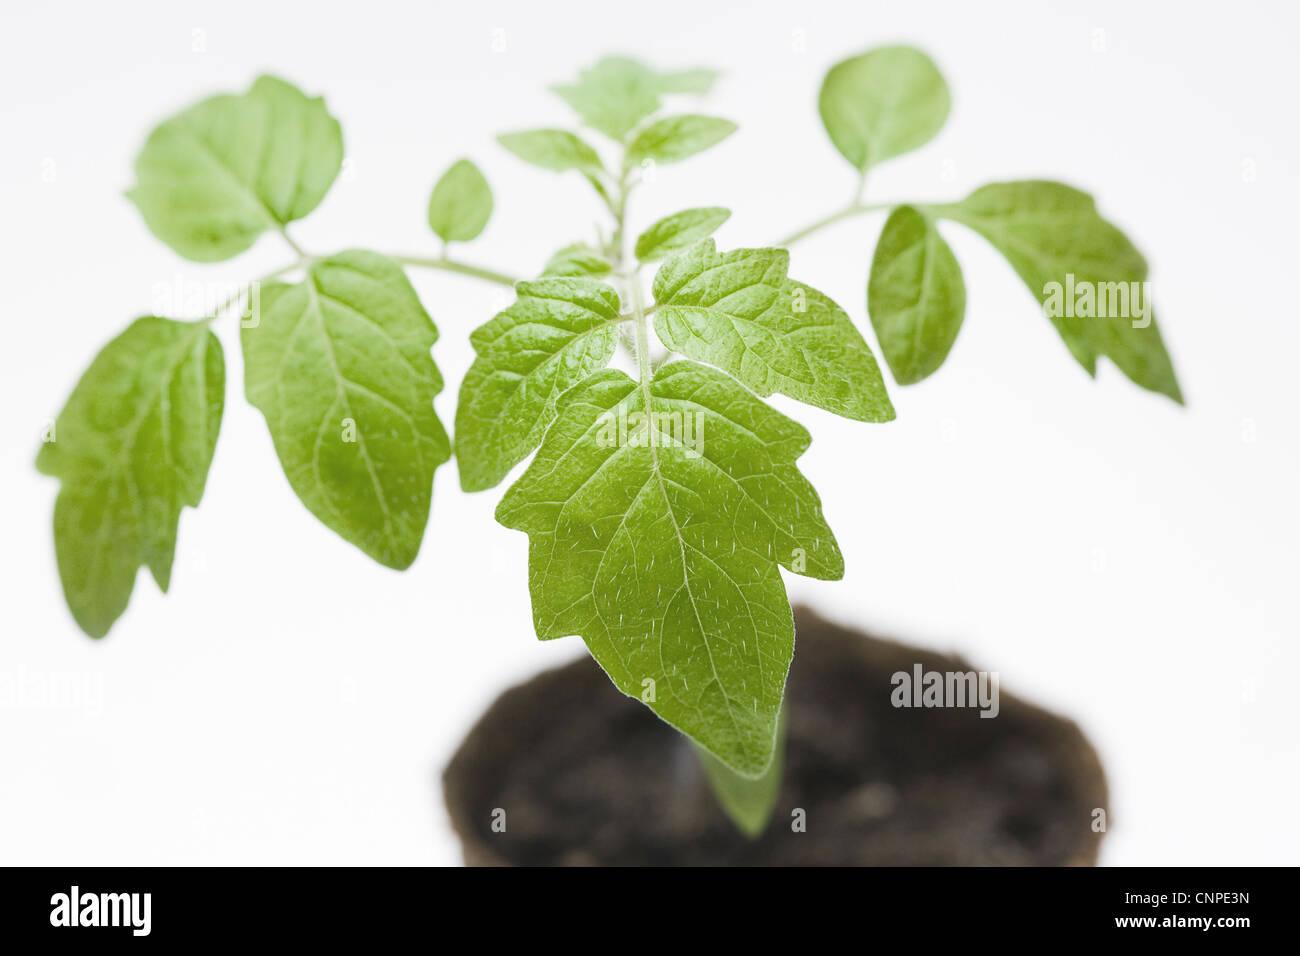 Lycopersicon esculentum. Las plantas de tomate en las primeras etapas de crecimiento. Imagen De Stock